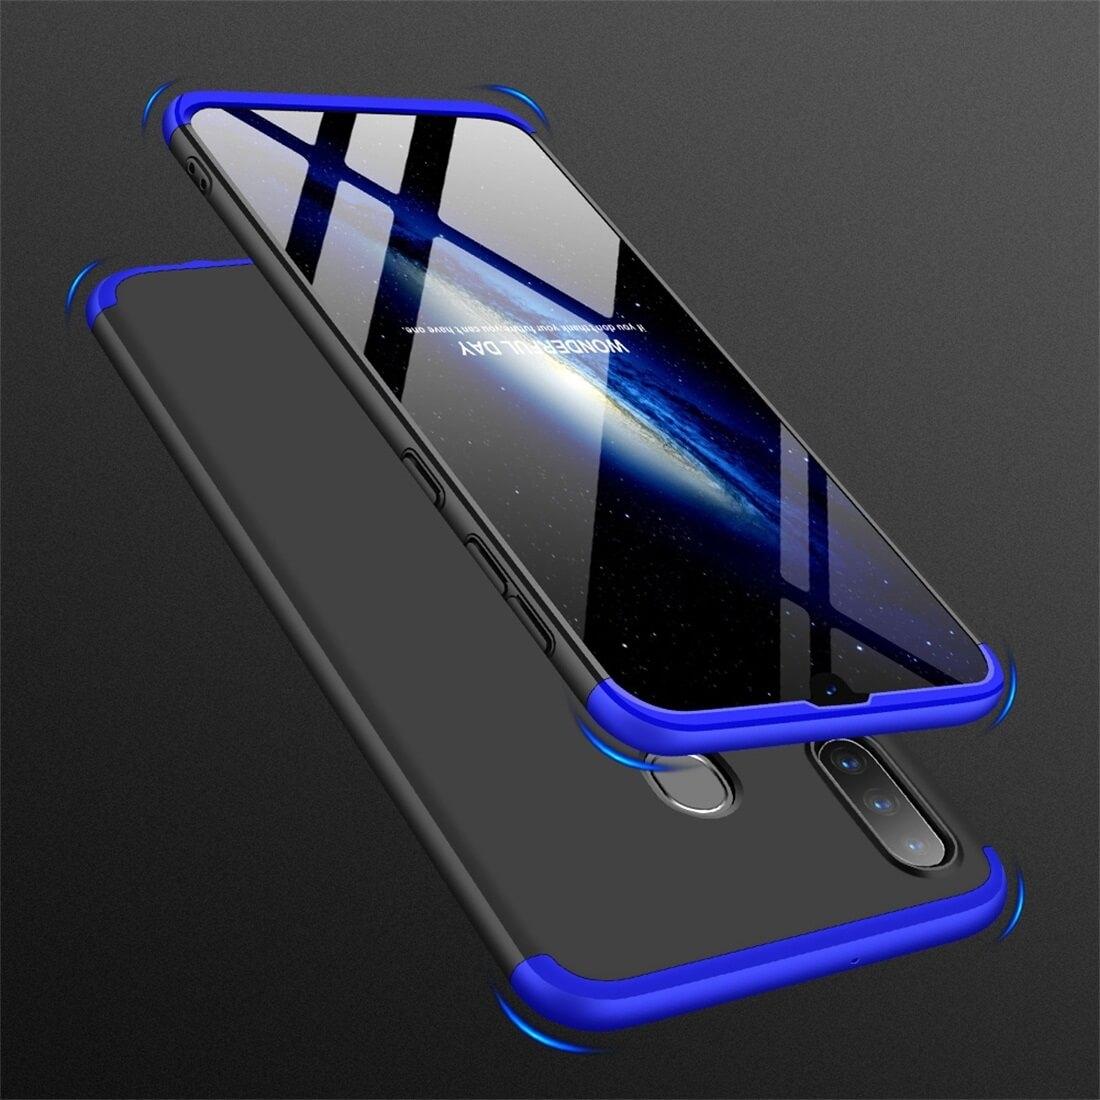 FORCELL 360 ° Ochranný obal Samsung Galaxy A30 černý-modrý